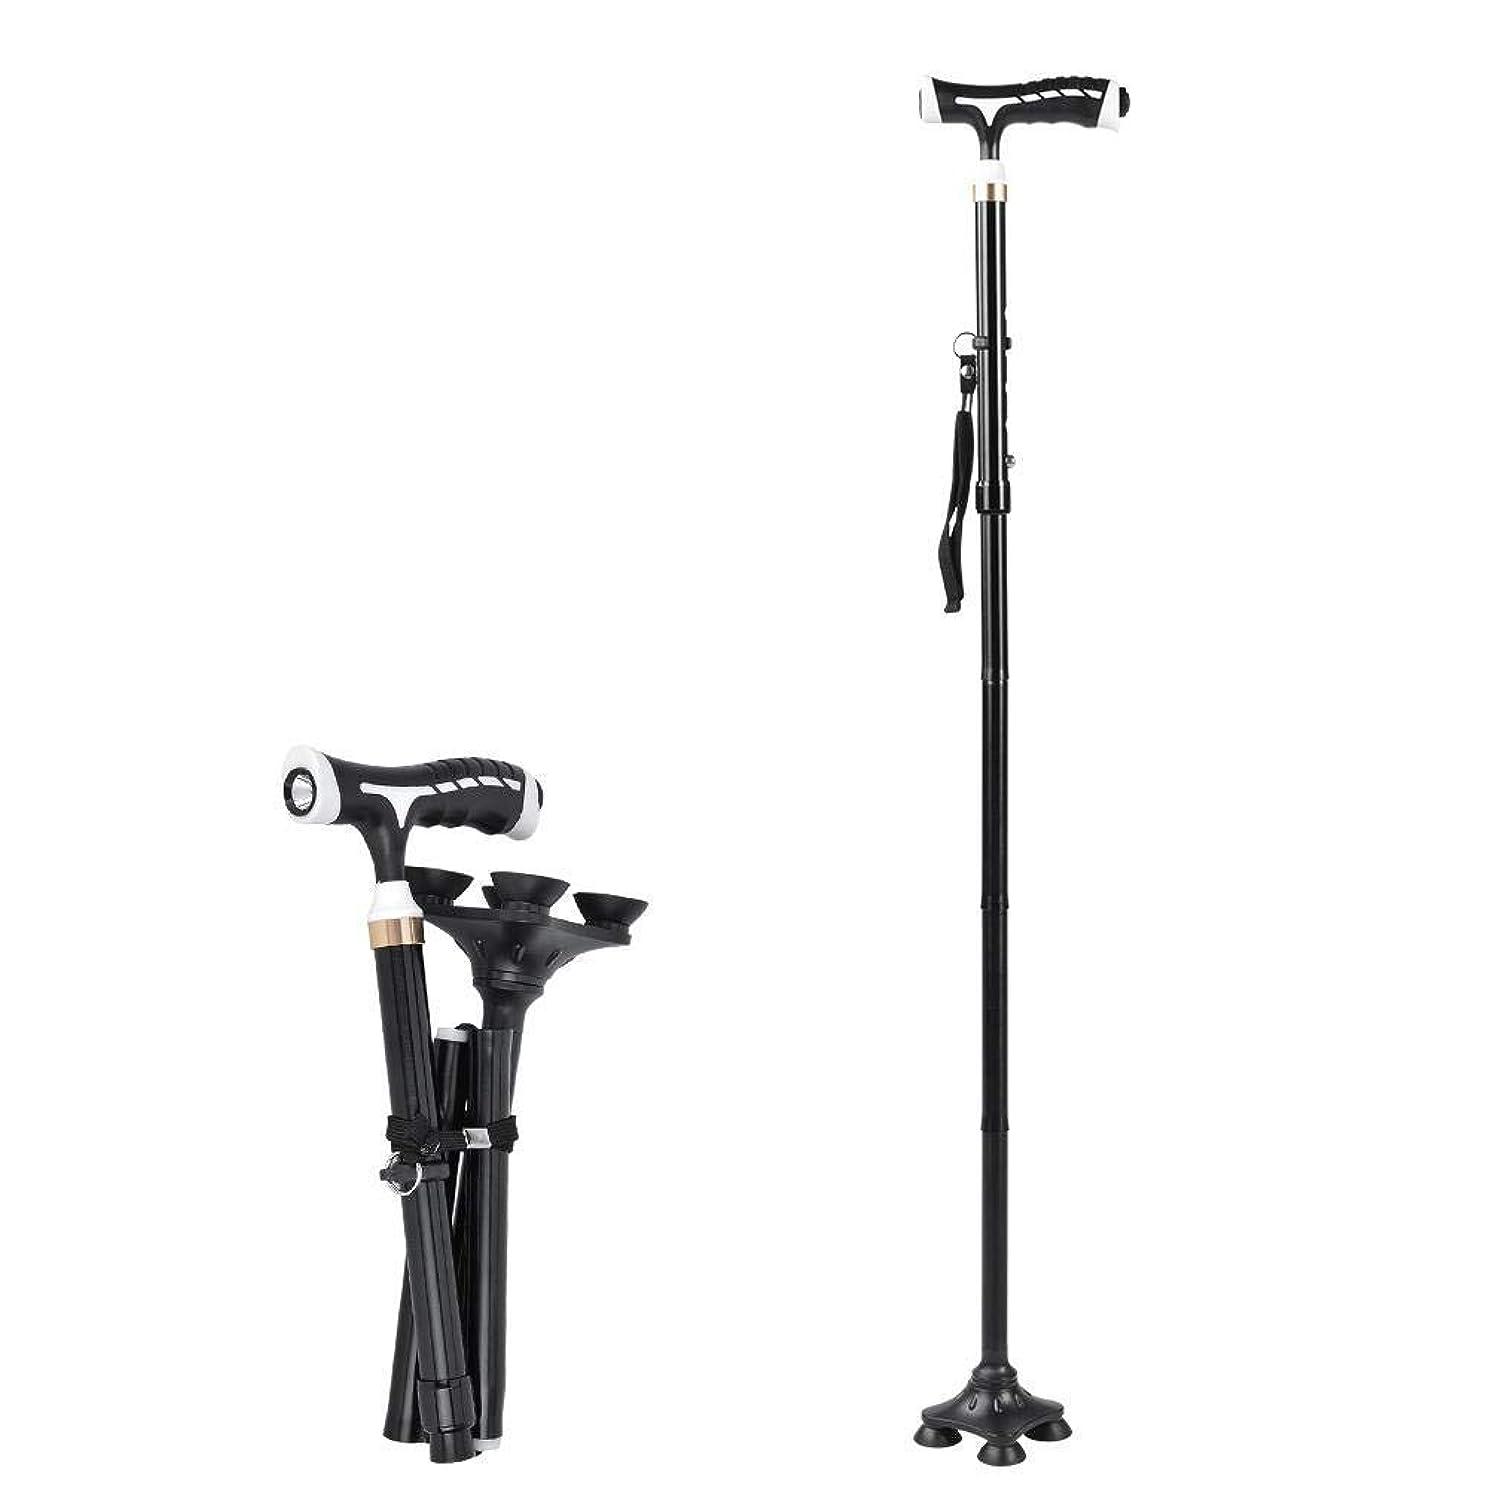 価格西欠席折りたたみ式歩行サポートスティック調整可能な高齢者松葉杖は、LEDライトと4人用フィードで高齢者用